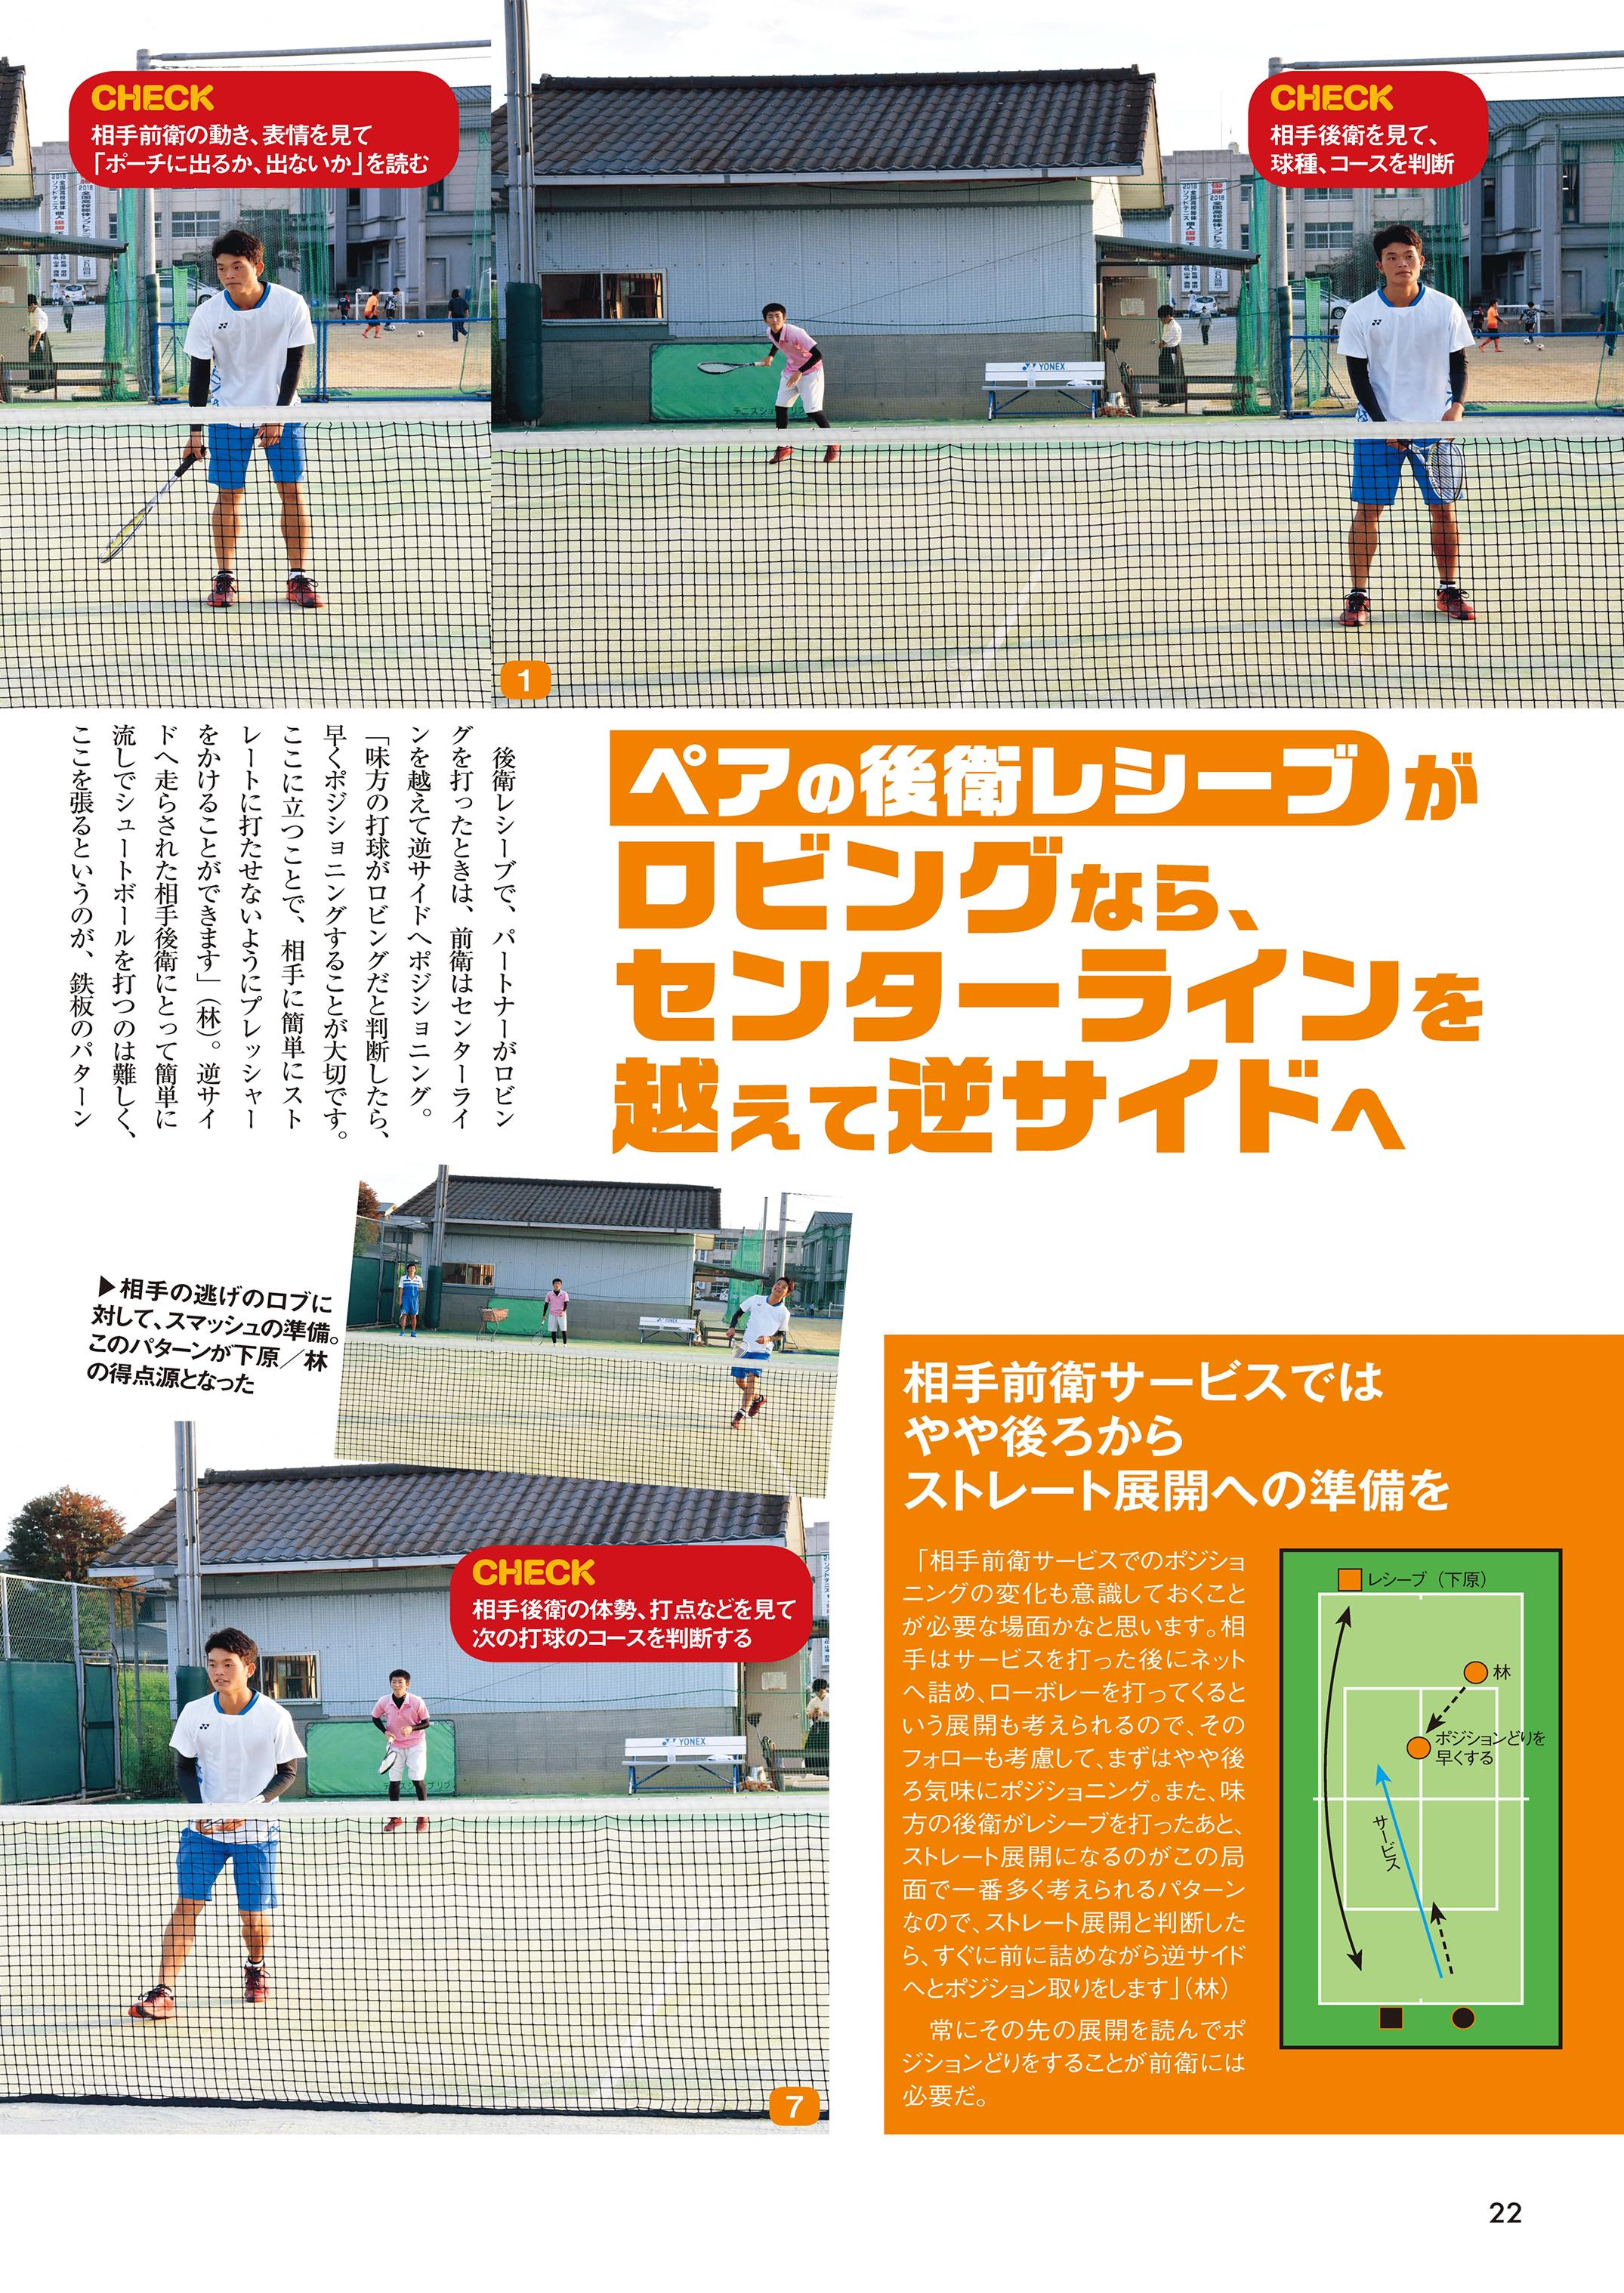 ソフトテニスマガジン2019年2月号P22